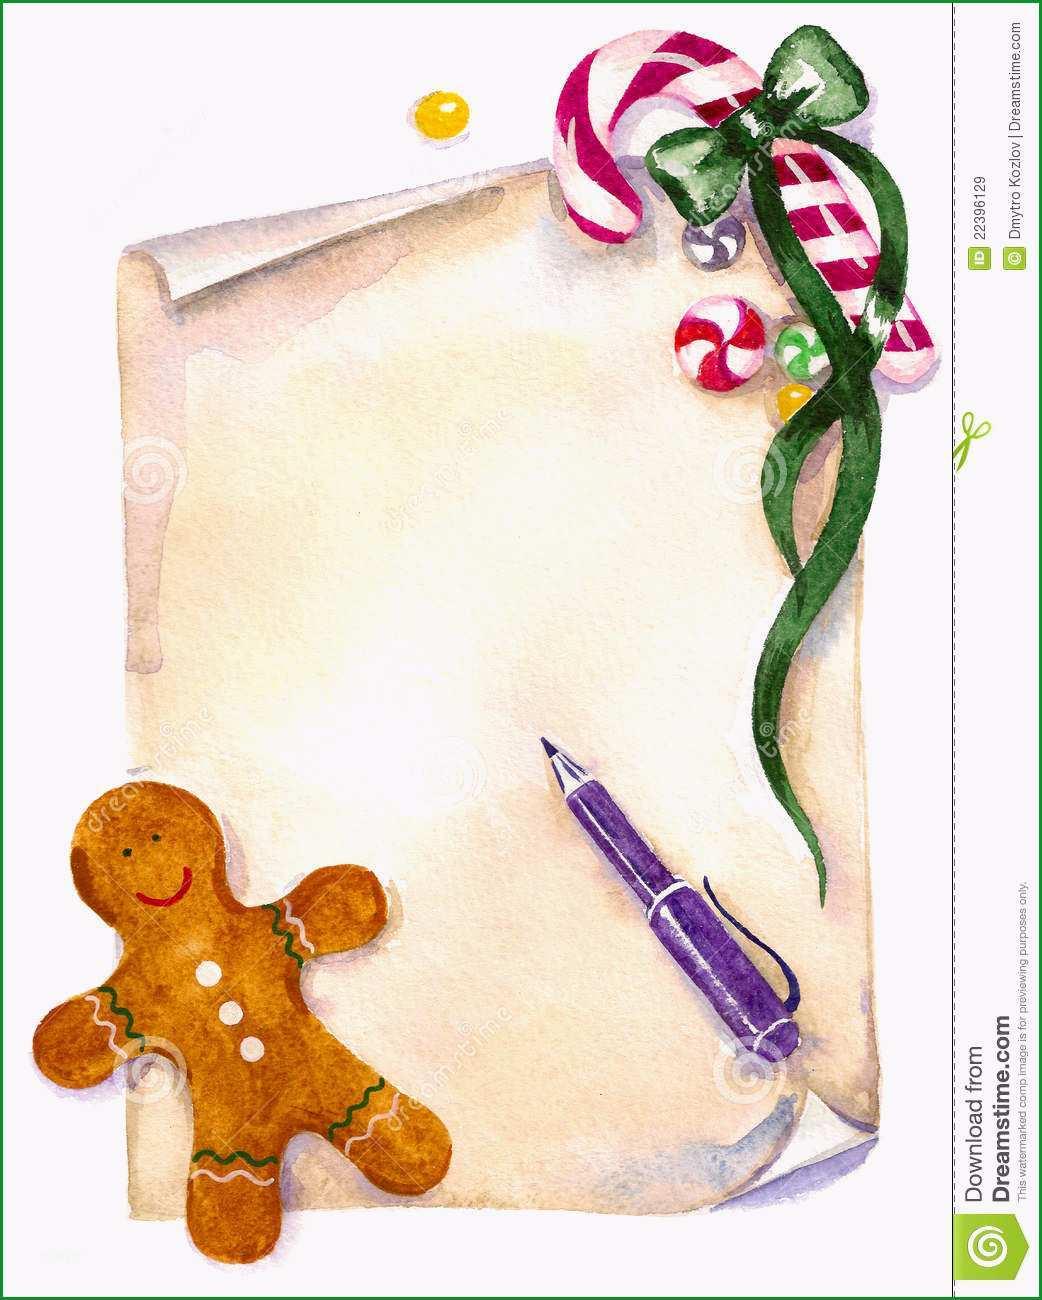 lizenzfreie stockbilder weihnachtswunschzettel image